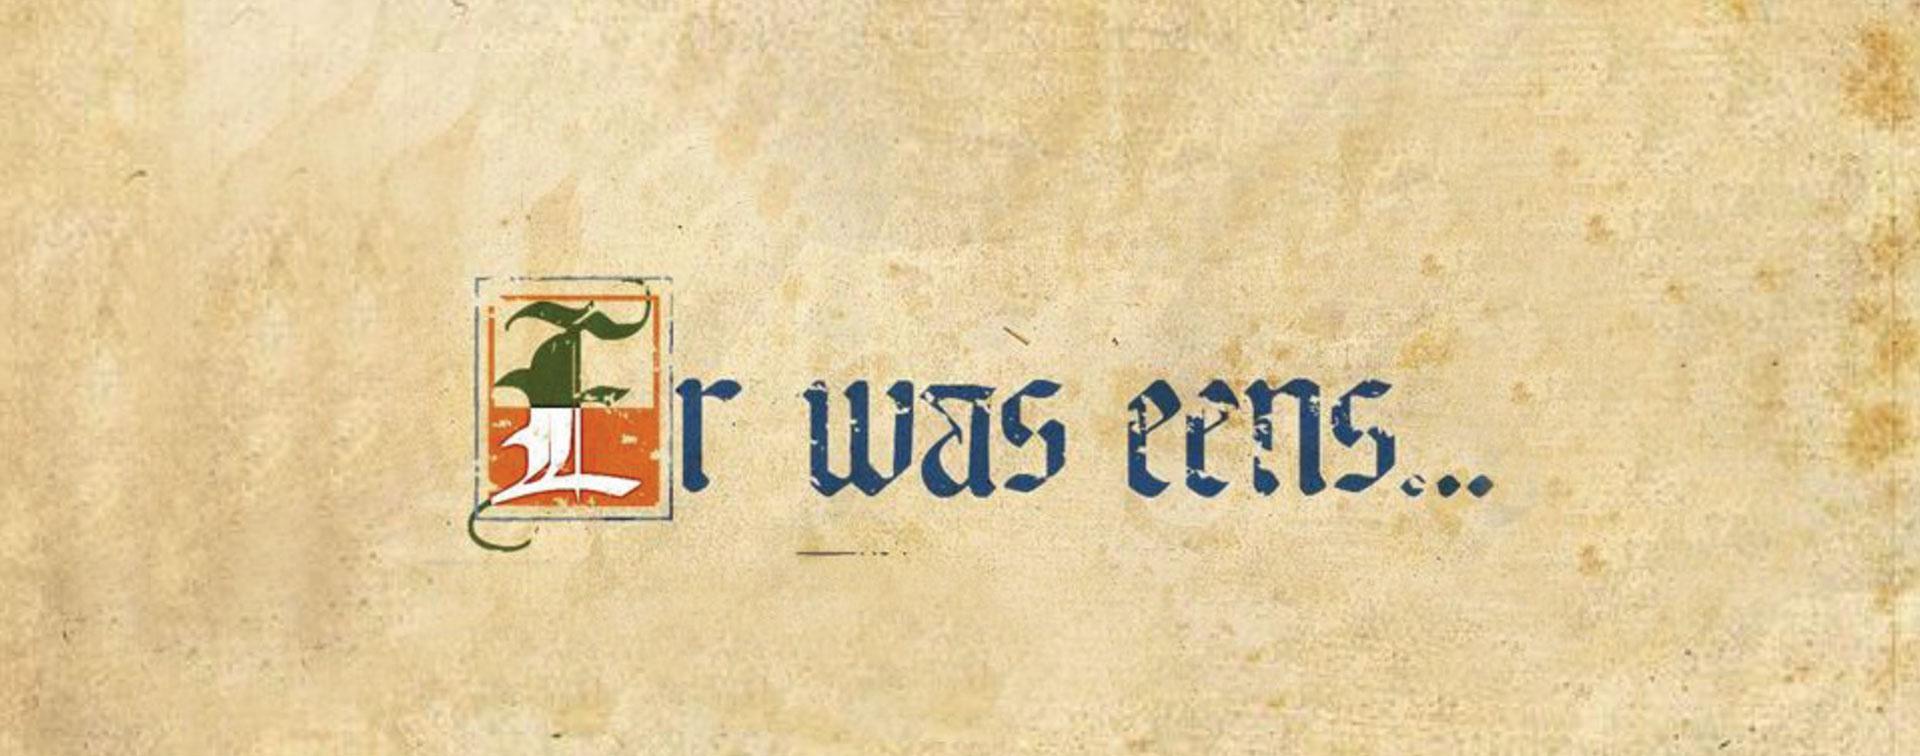 """De woorden """"Er was eens"""" in klassiek let op perkamenttertype"""